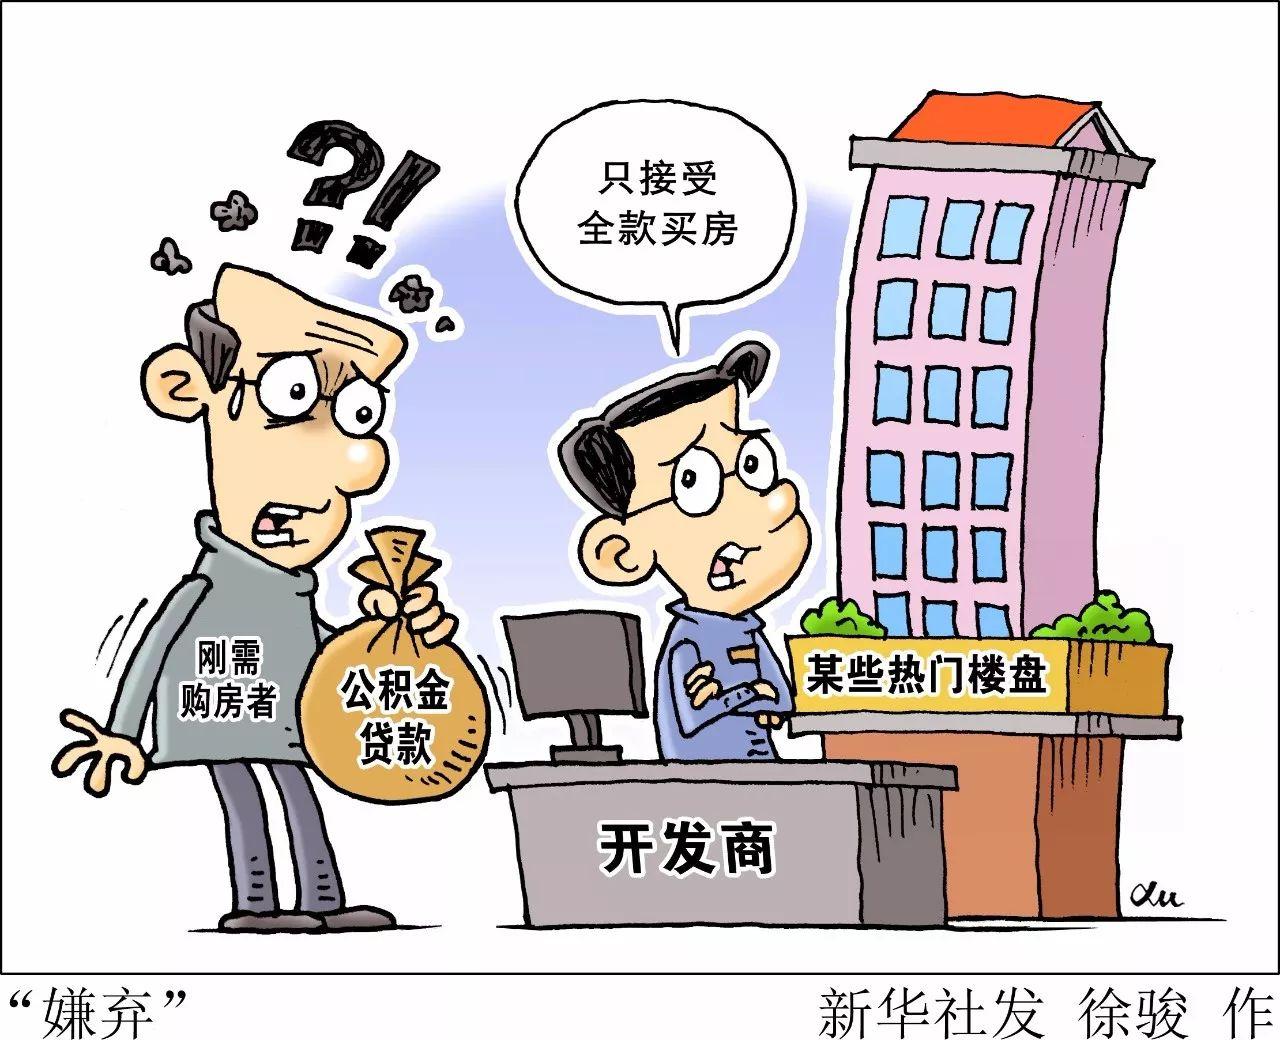 公积金制度一直在改革 想买房公积金还靠得住吗?